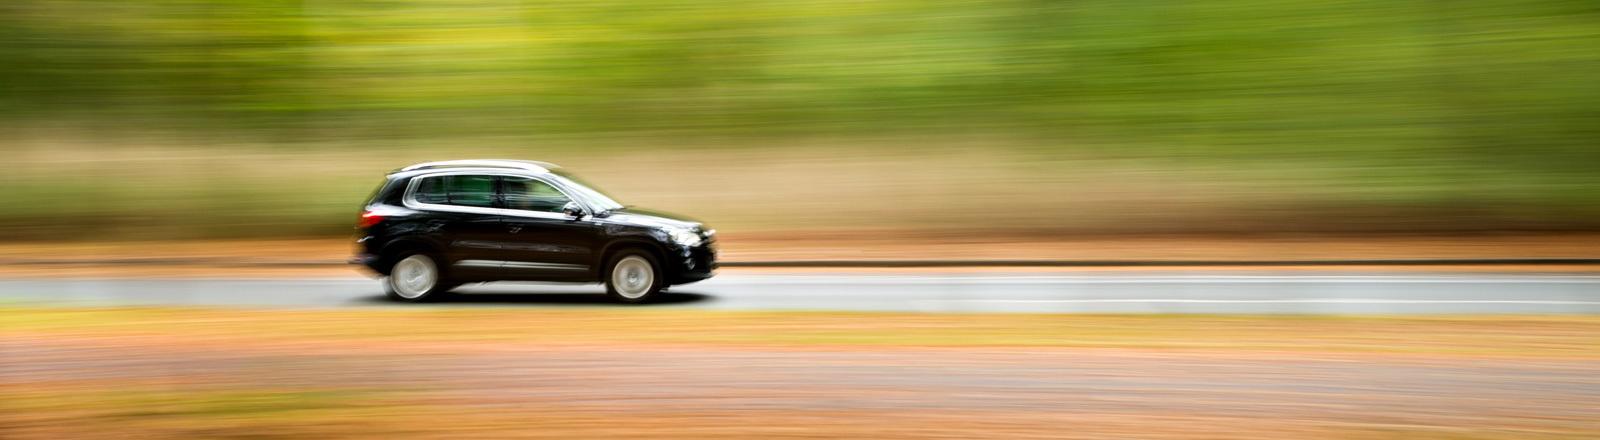 VW Tiguan (SUV) fährt schnell über eine Straße.